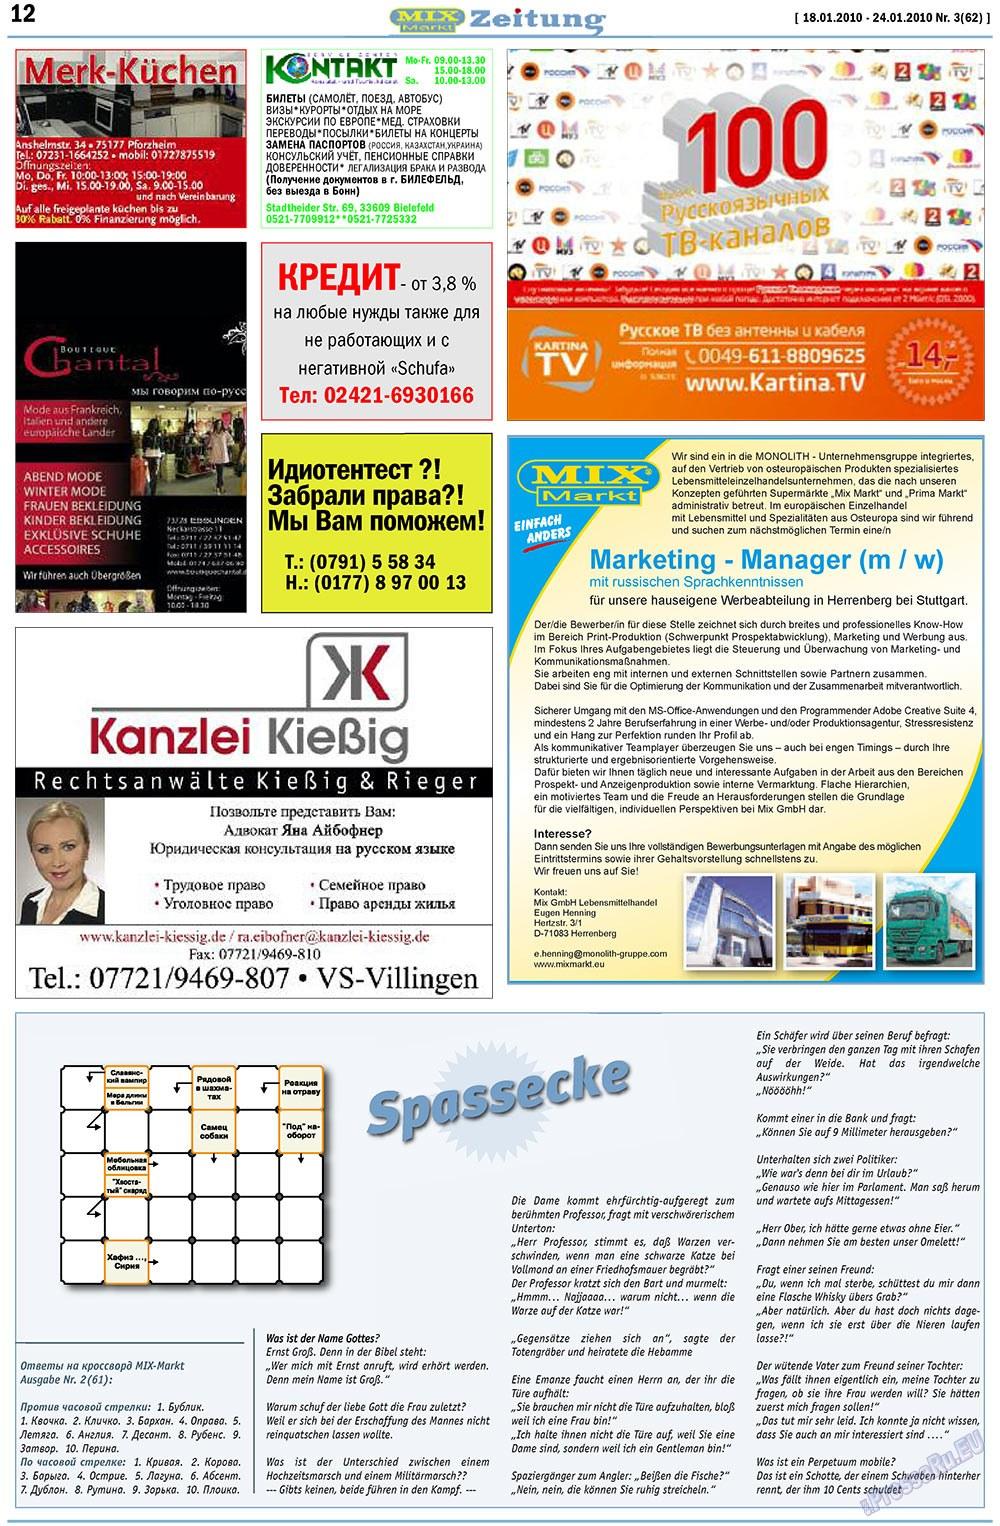 MIX-Markt Zeitung (газета). 2010 год, номер 3, стр. 12